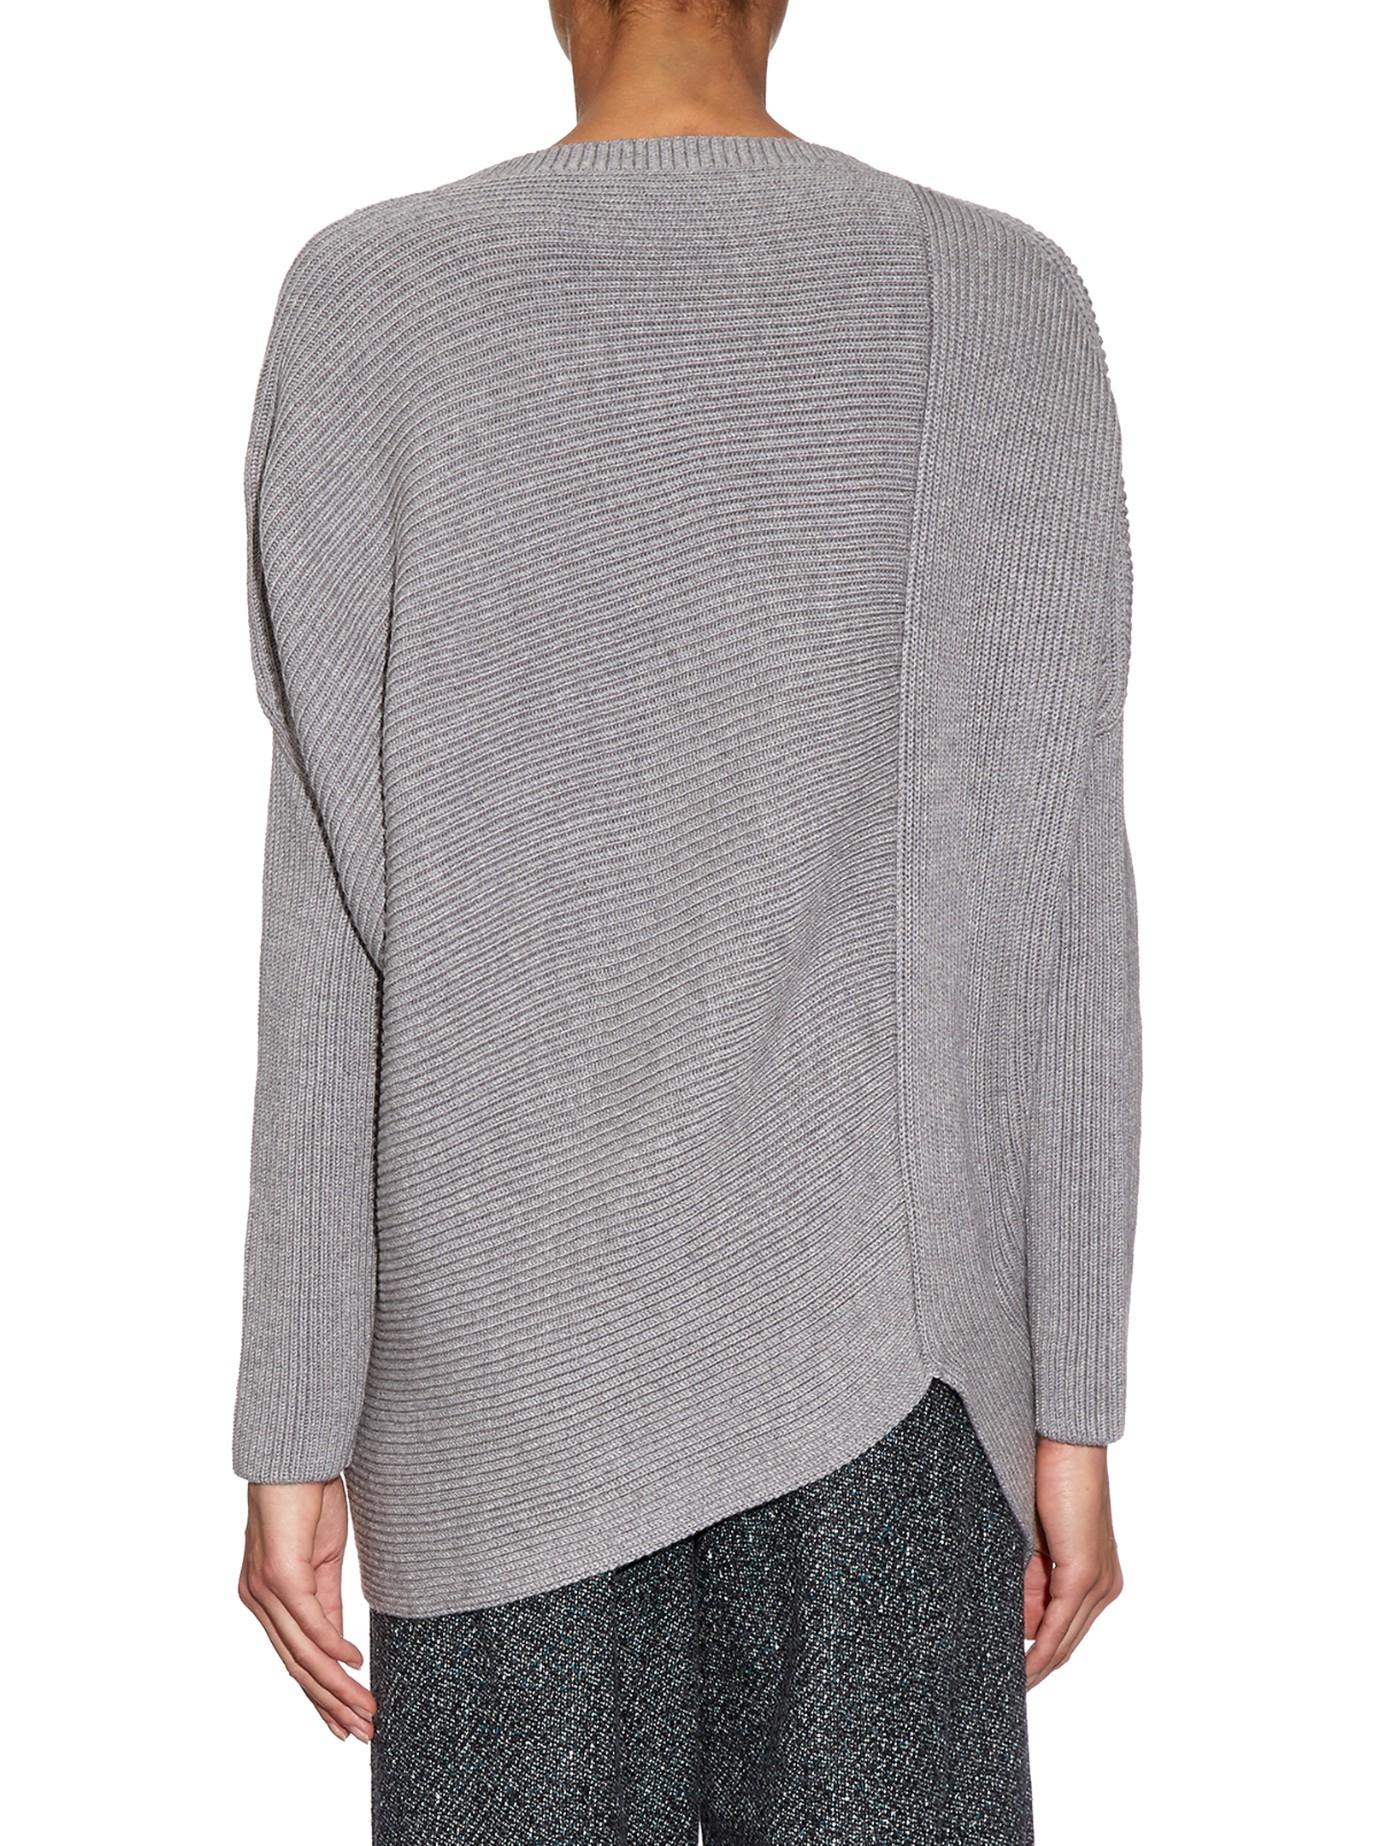 Stella mccartney Asymmetric-hem Wool-knit Sweater in Gray | Lyst